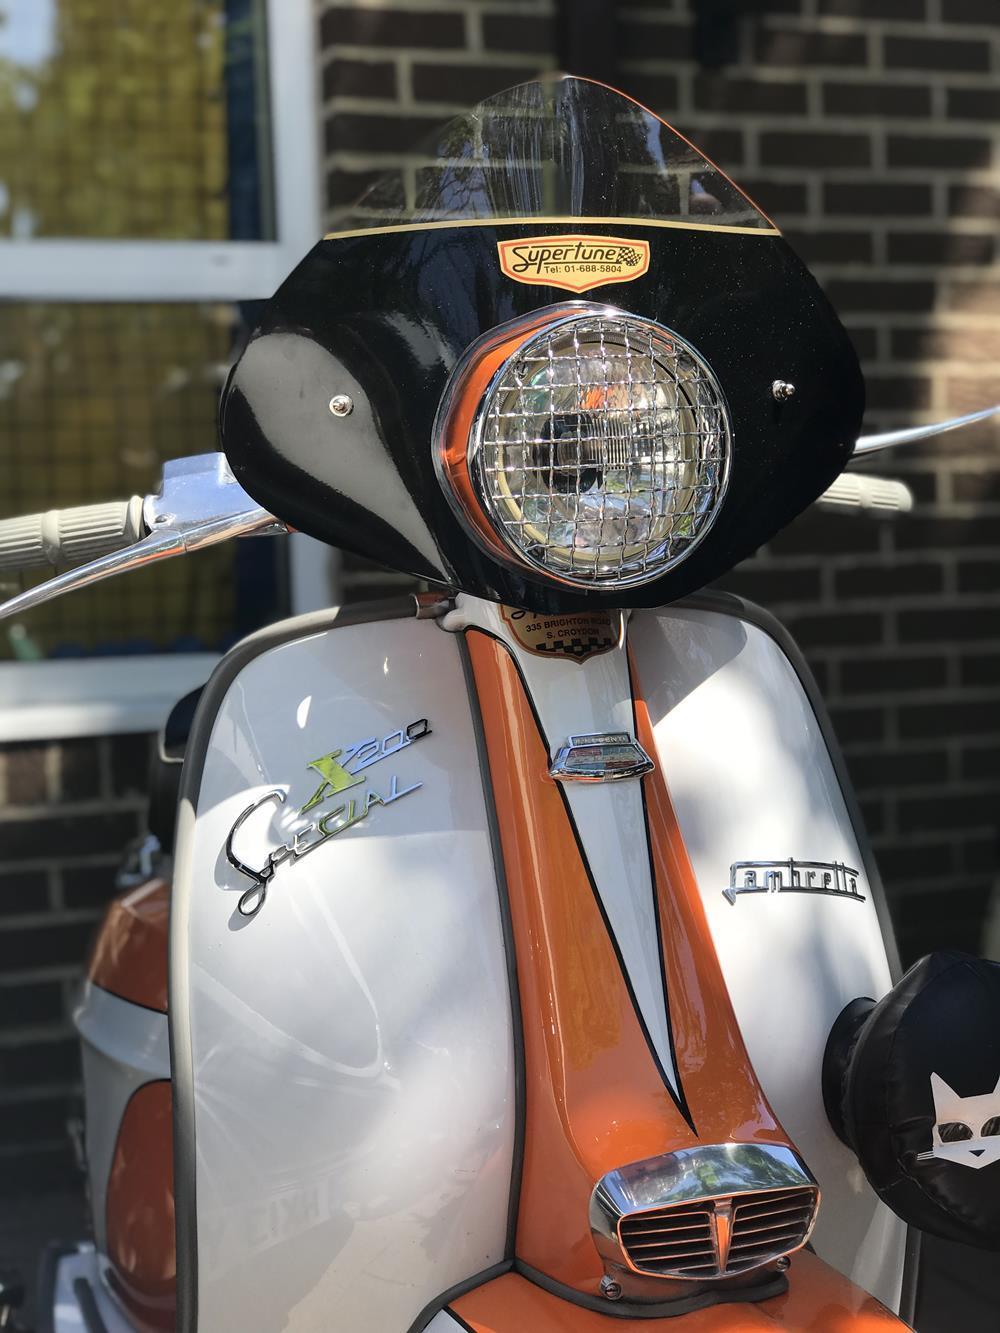 SX Lambretta